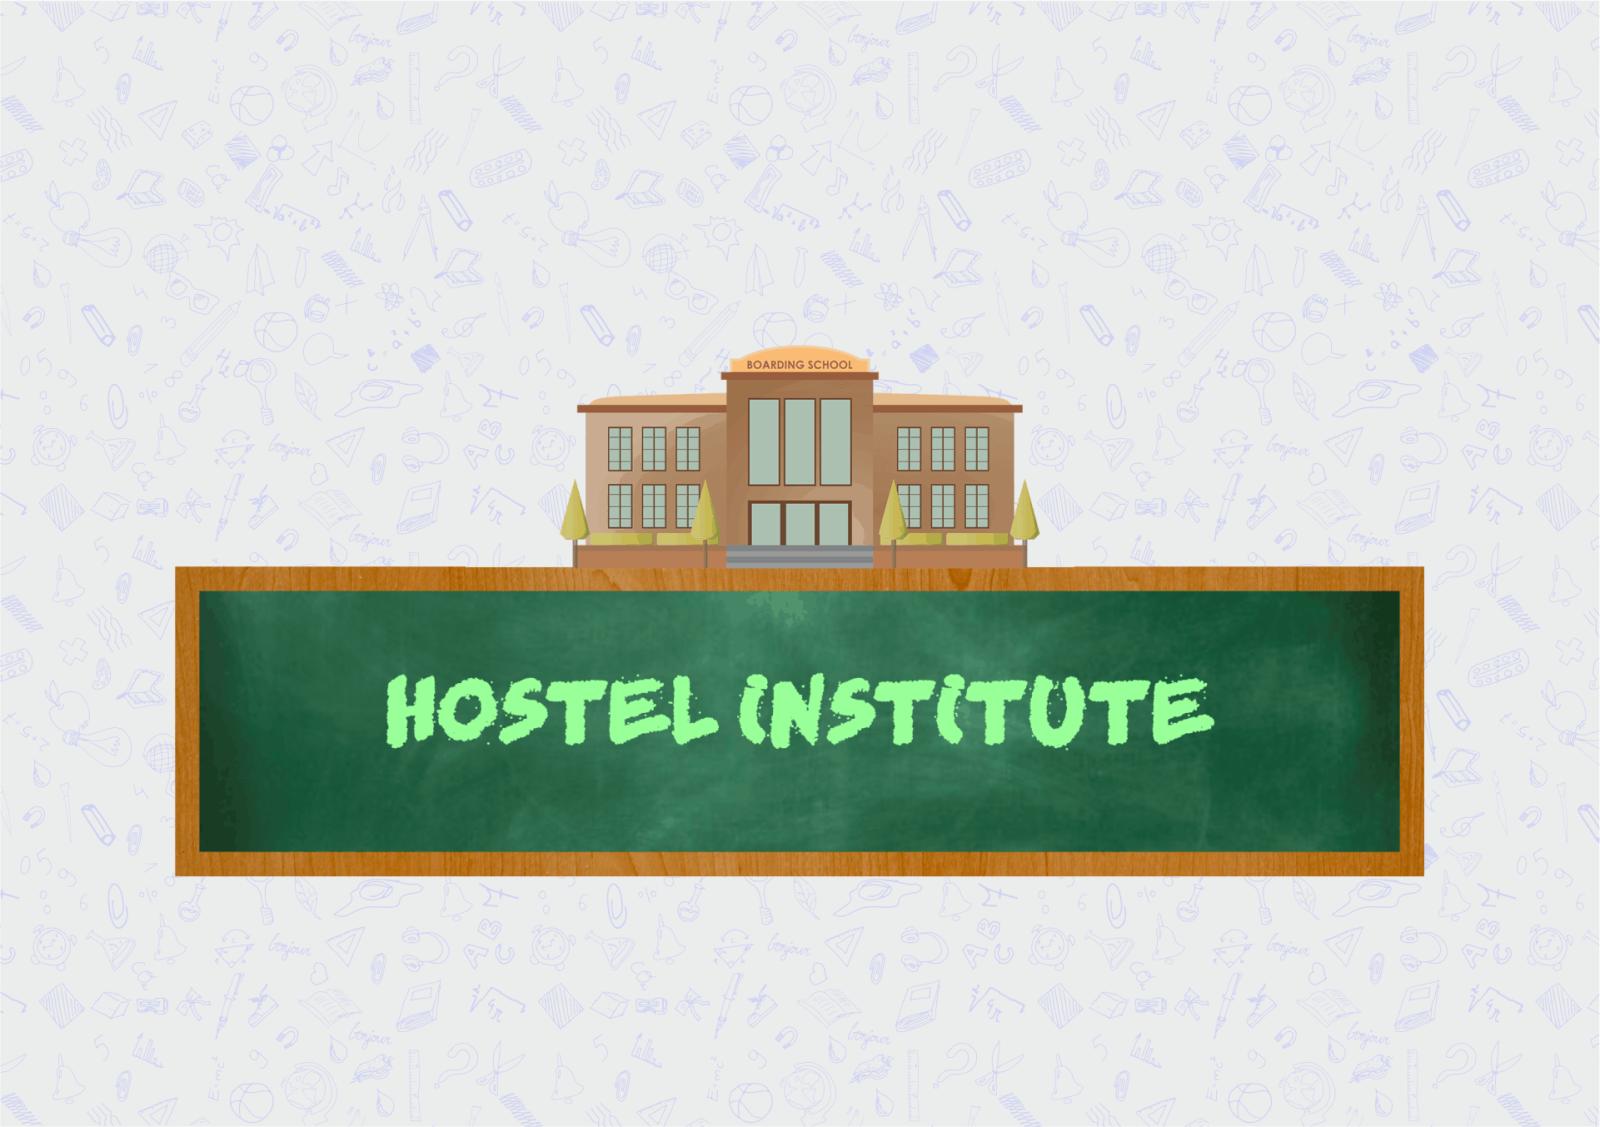 Hostel institute